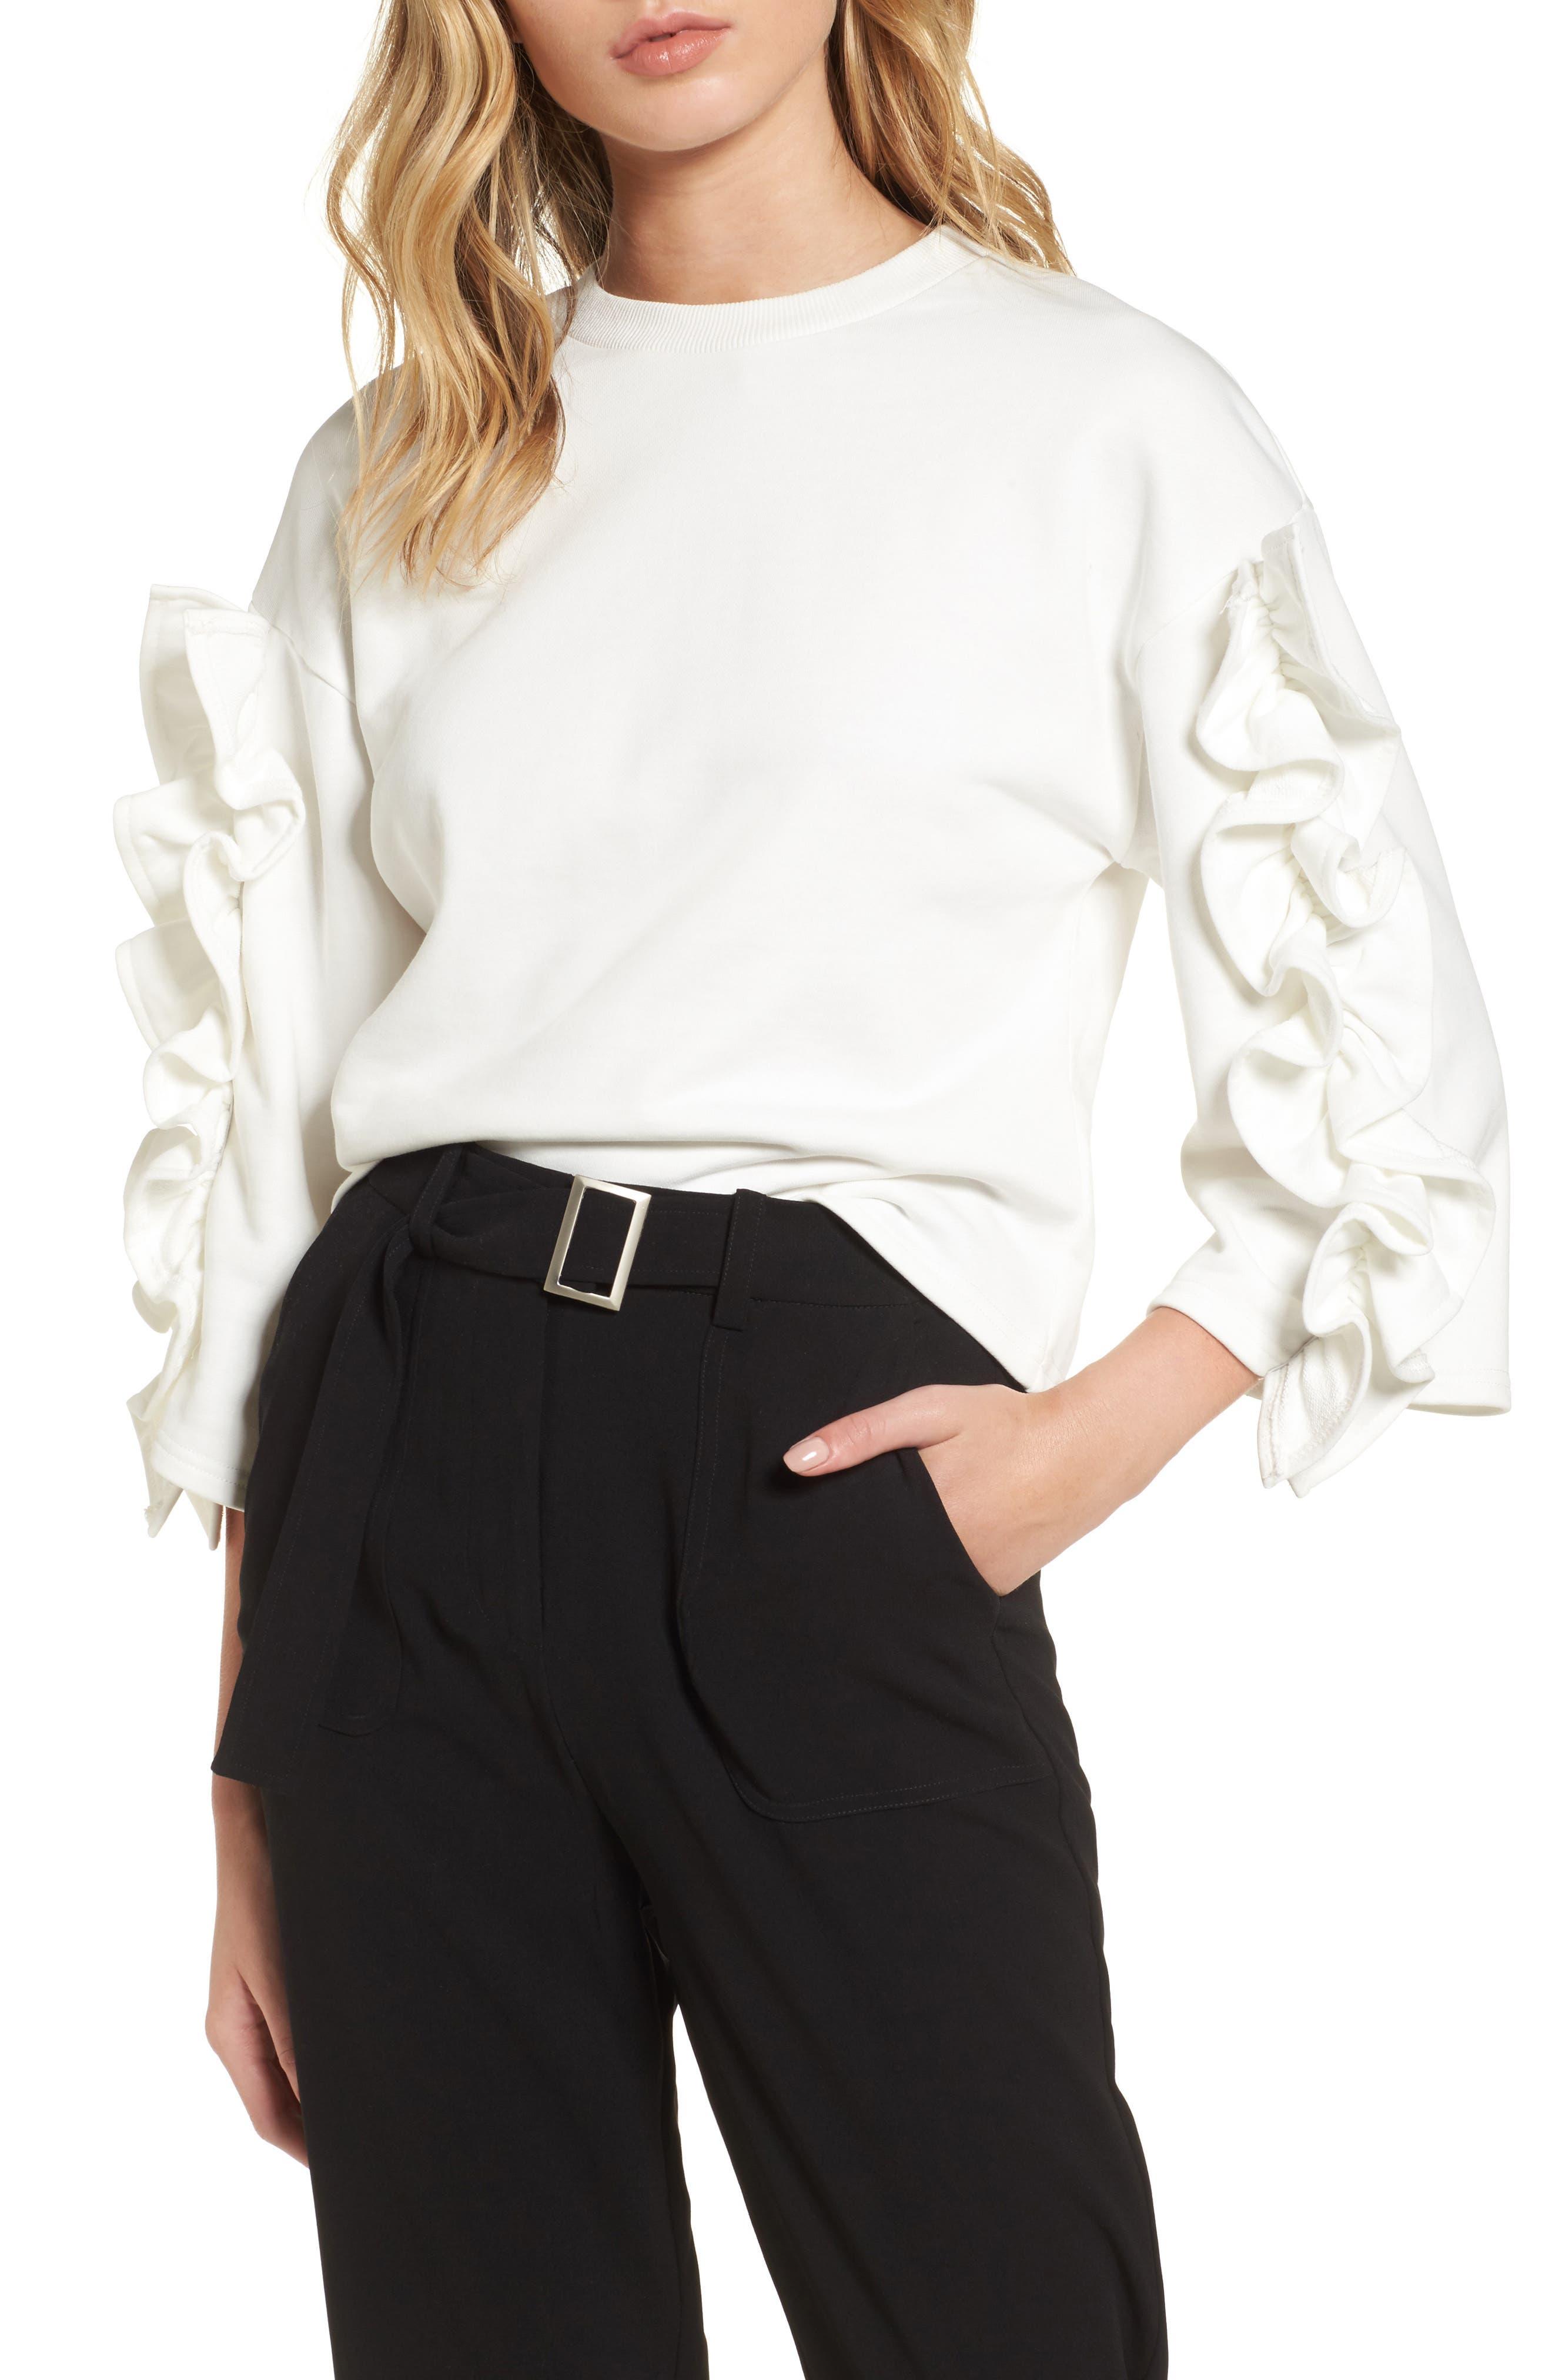 Main Image - J.O.A. Ruffle Sleeve Top